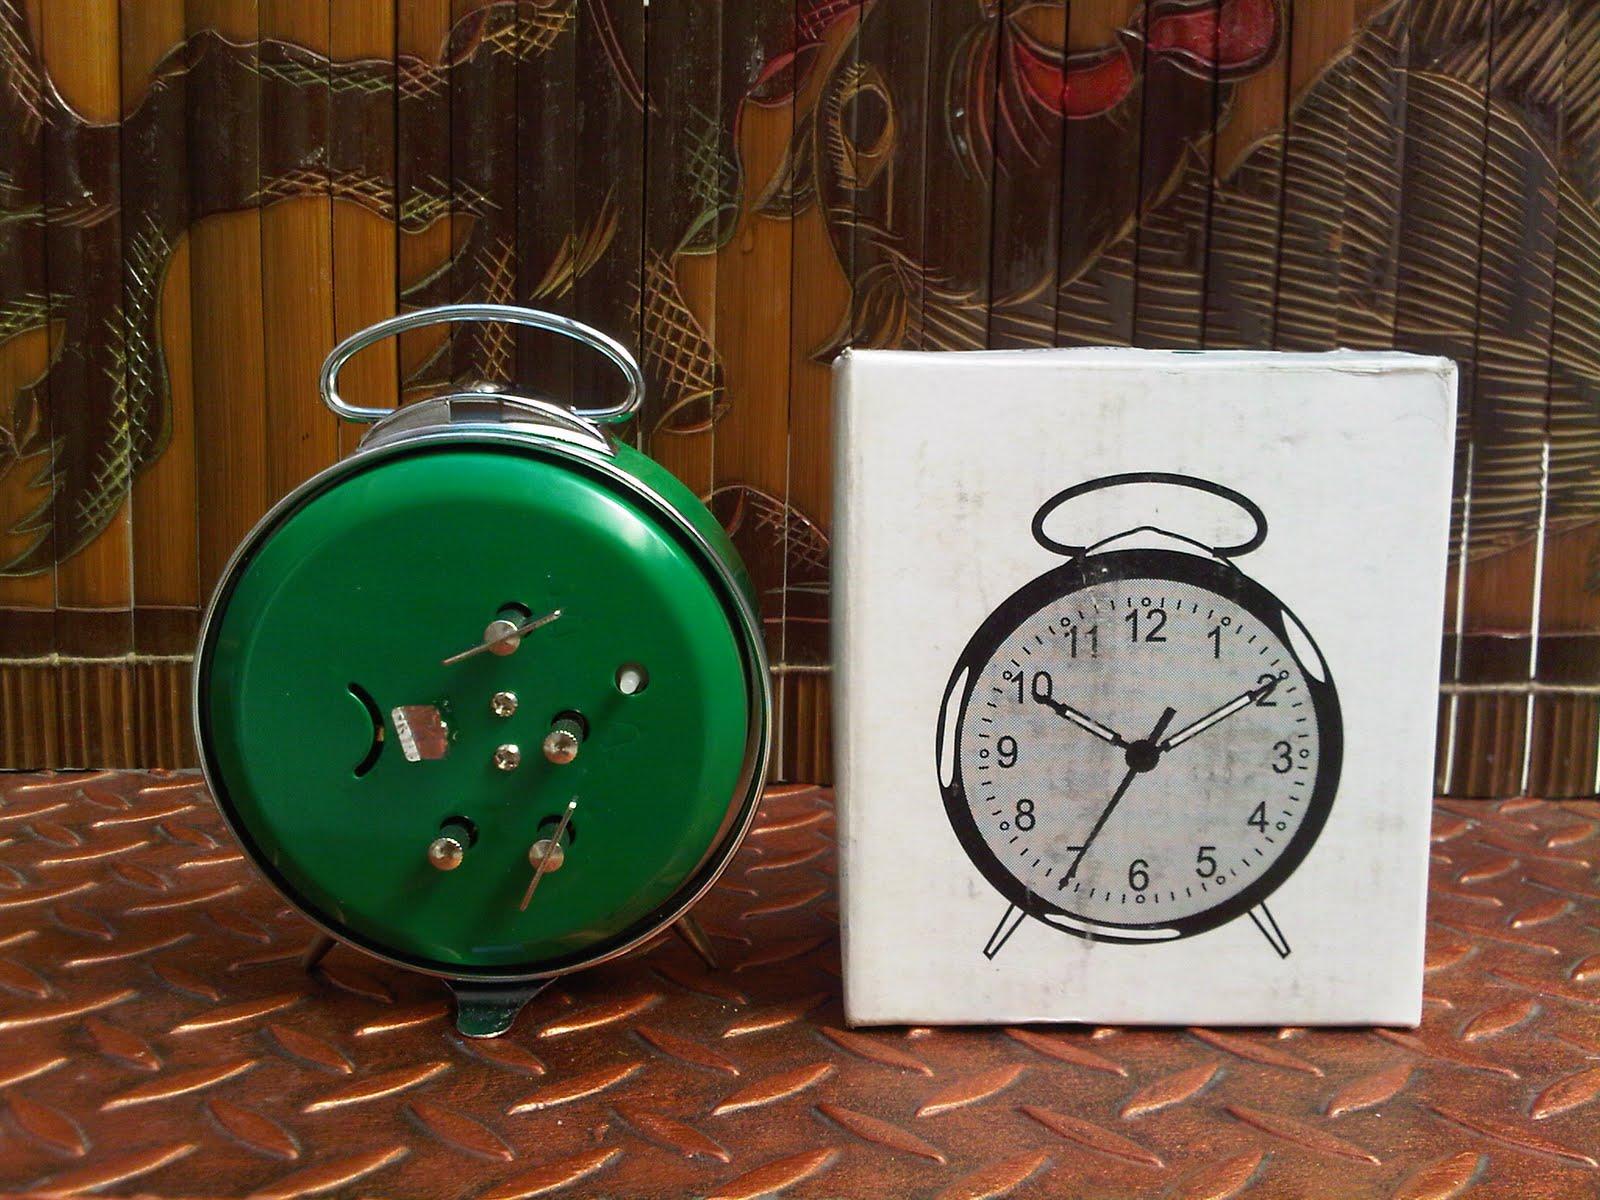 Karya Babah Antik Jam Weker Burung Glory Peluit Jadul Merk Made In China Warna Hijau New Old Stock Lengkap Dengan Kotaknya Untuk Menambah Koleksi Anda